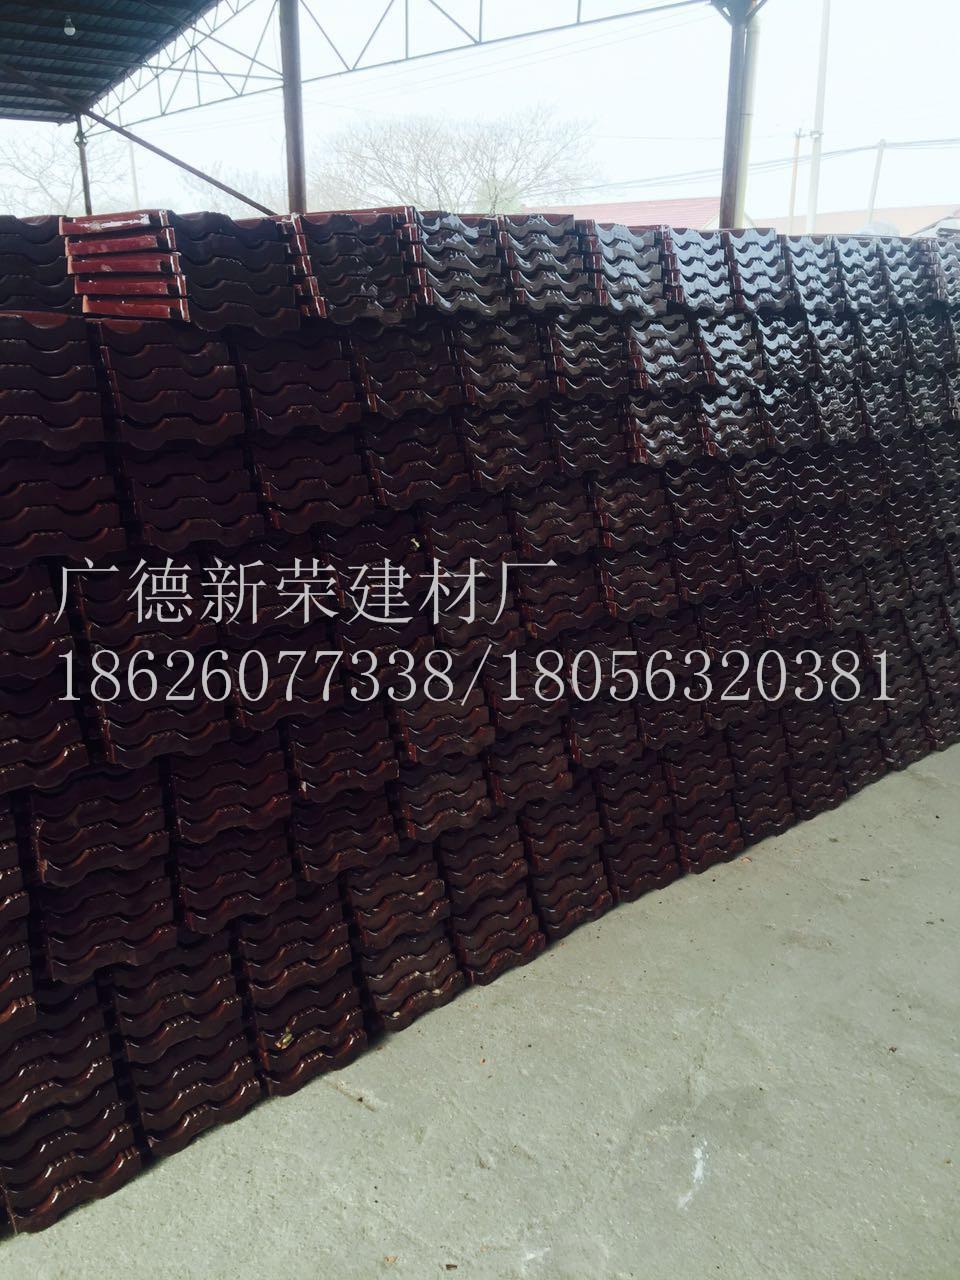 供应 南通琉璃瓦厂家价格张家港陶瓷瓦供应、苏州双筒瓦S瓦生产厂家